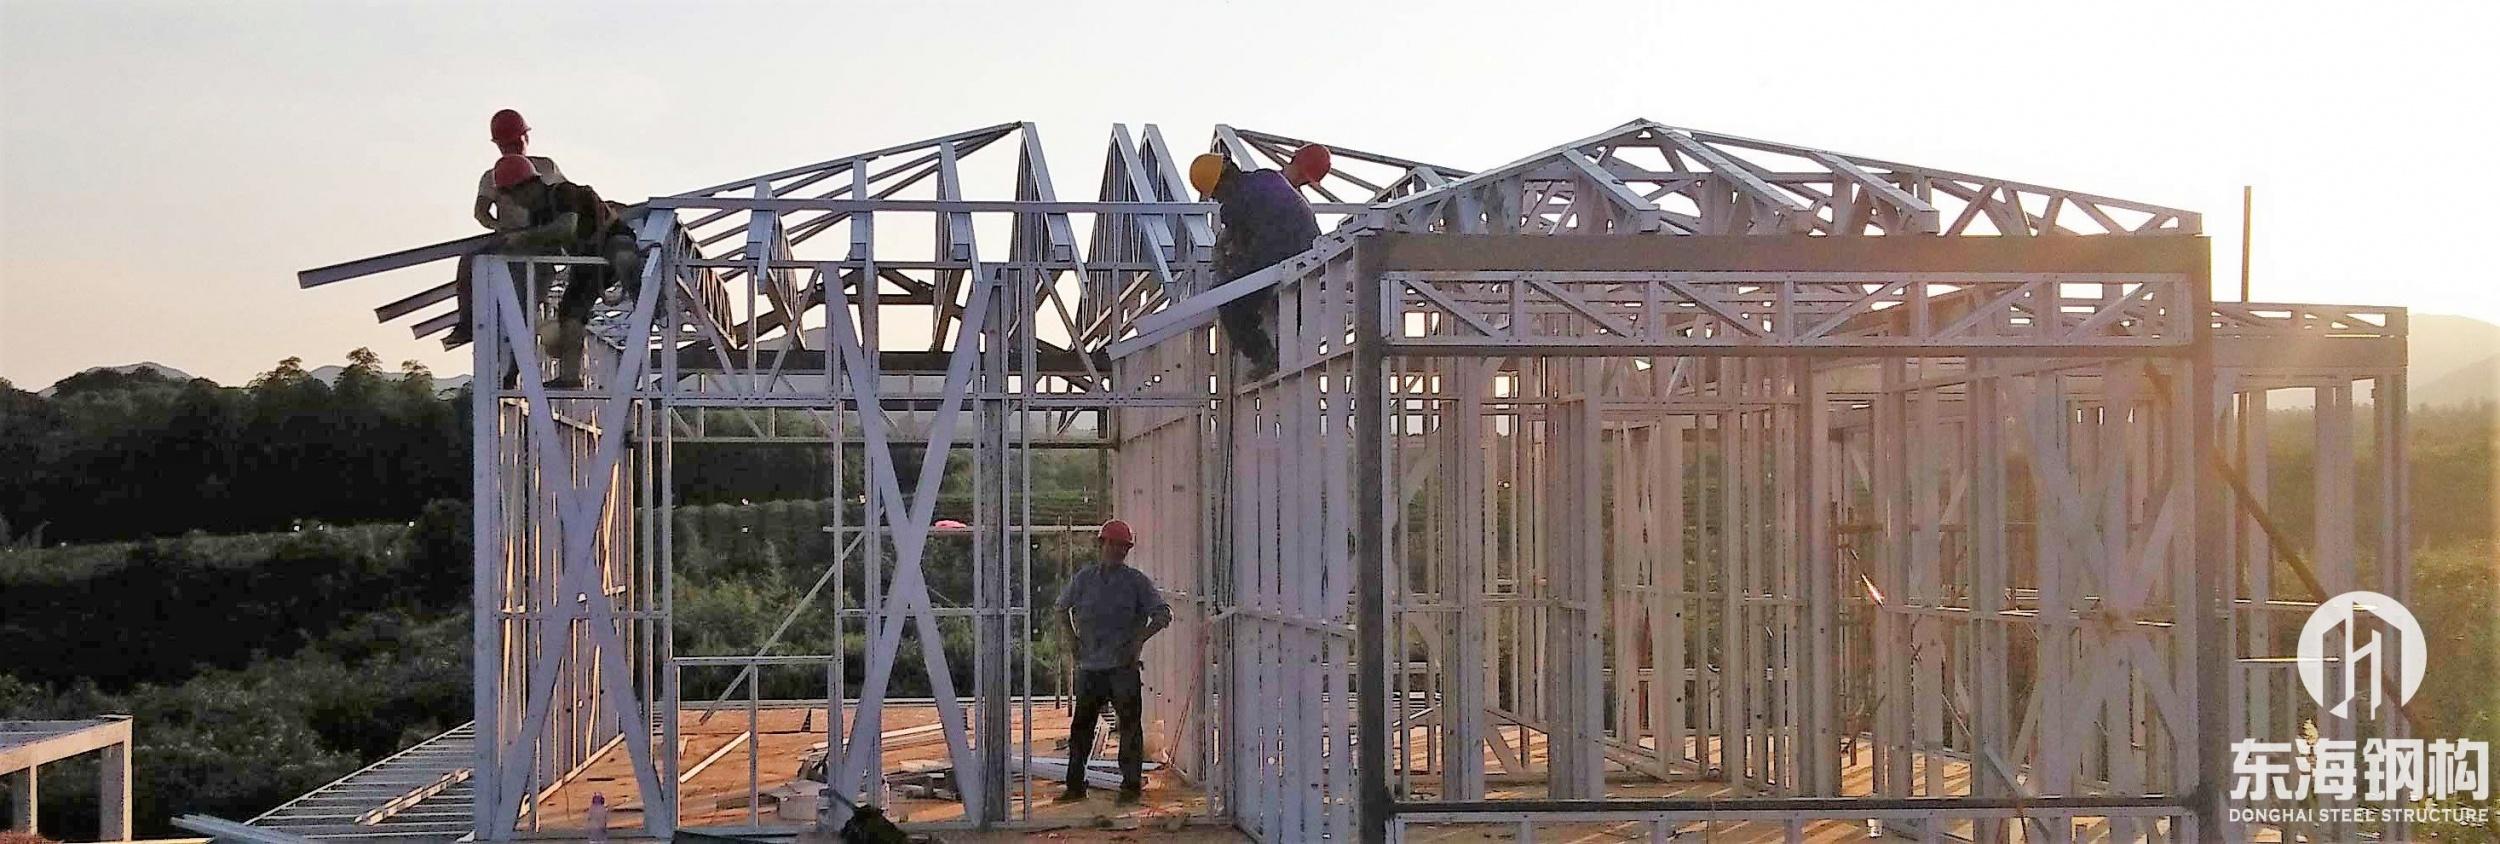 钢结构结构别墅框架安装中